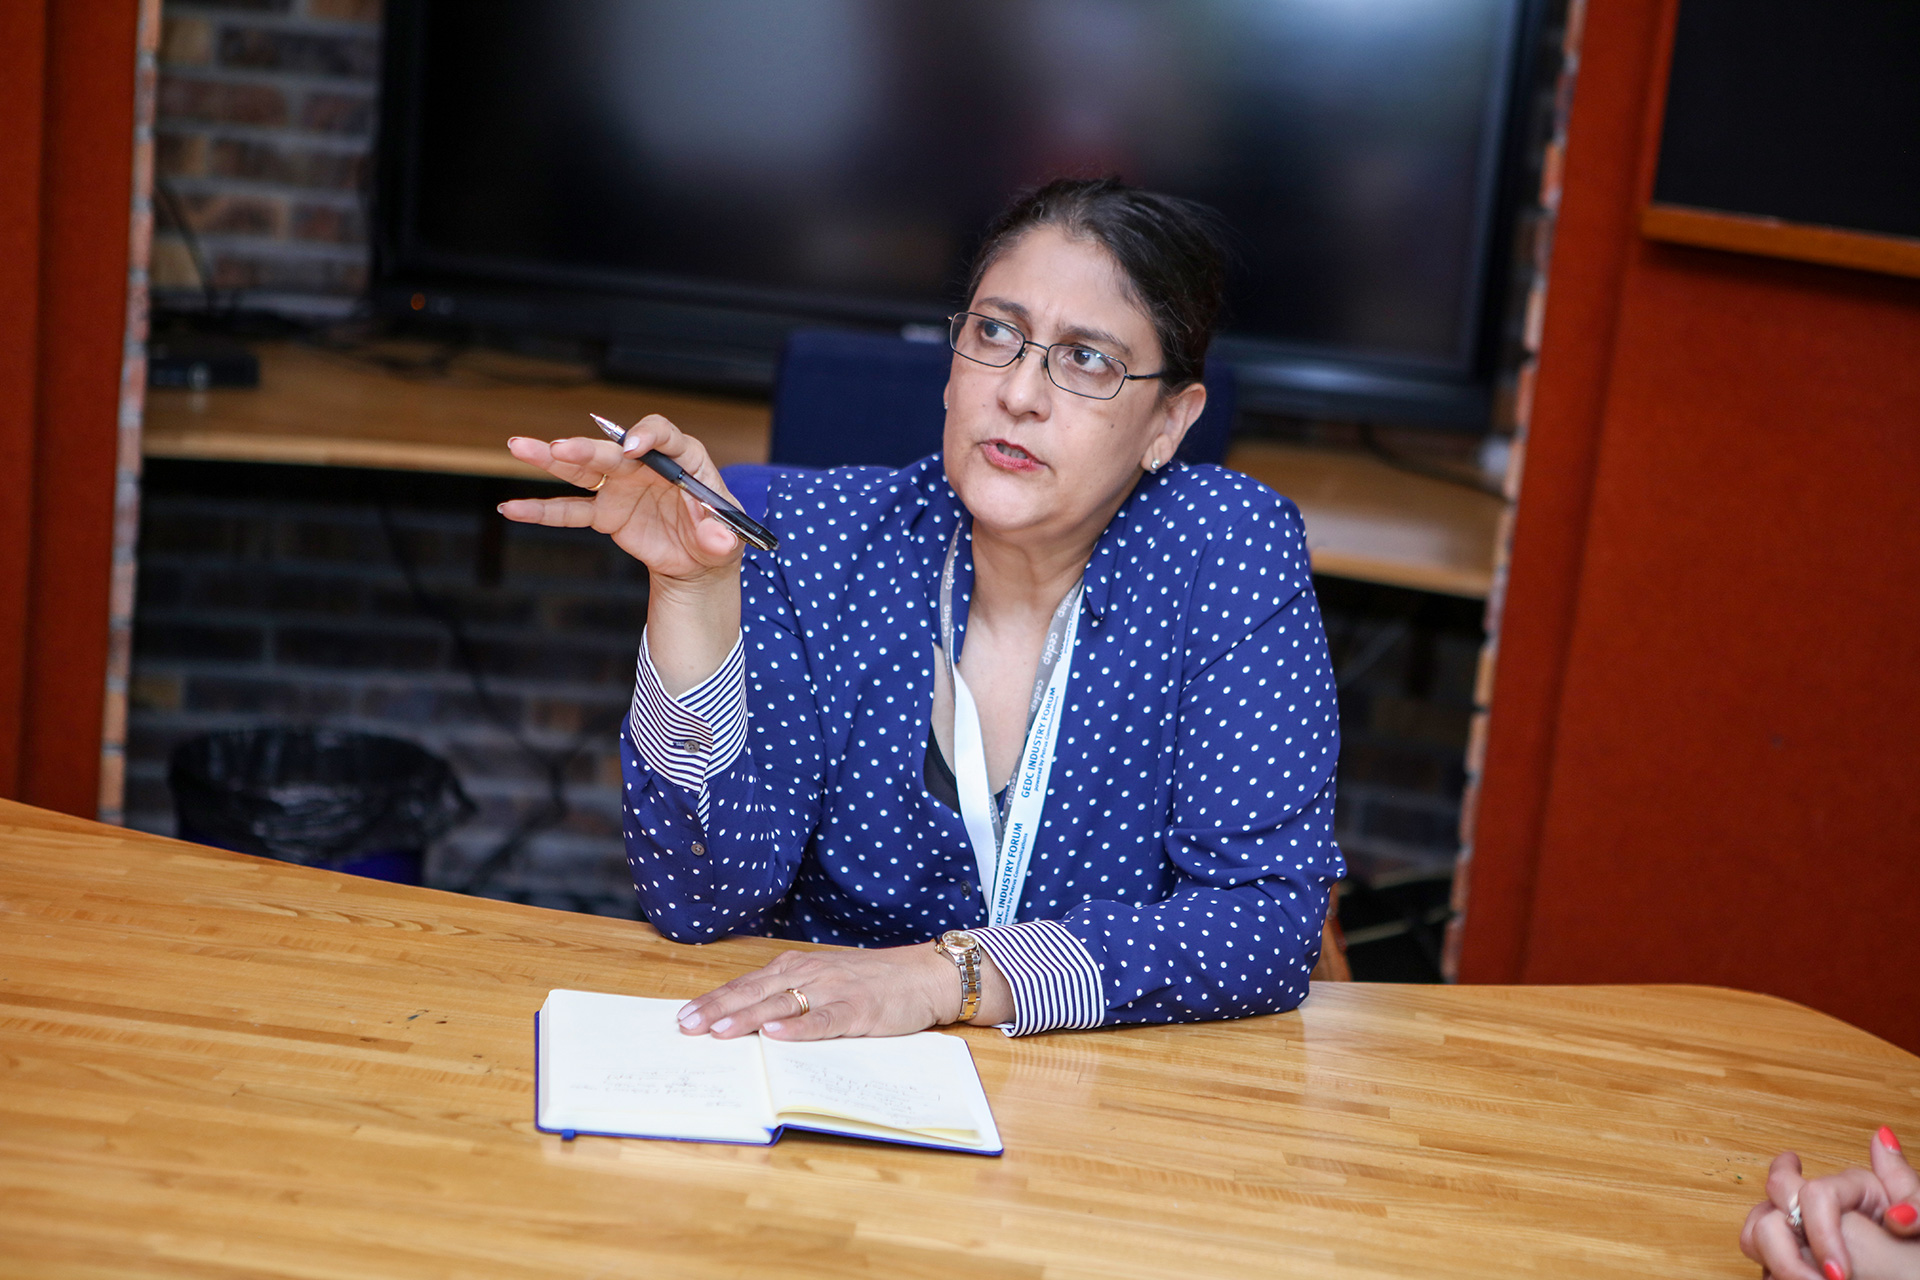 Natacha DePaola